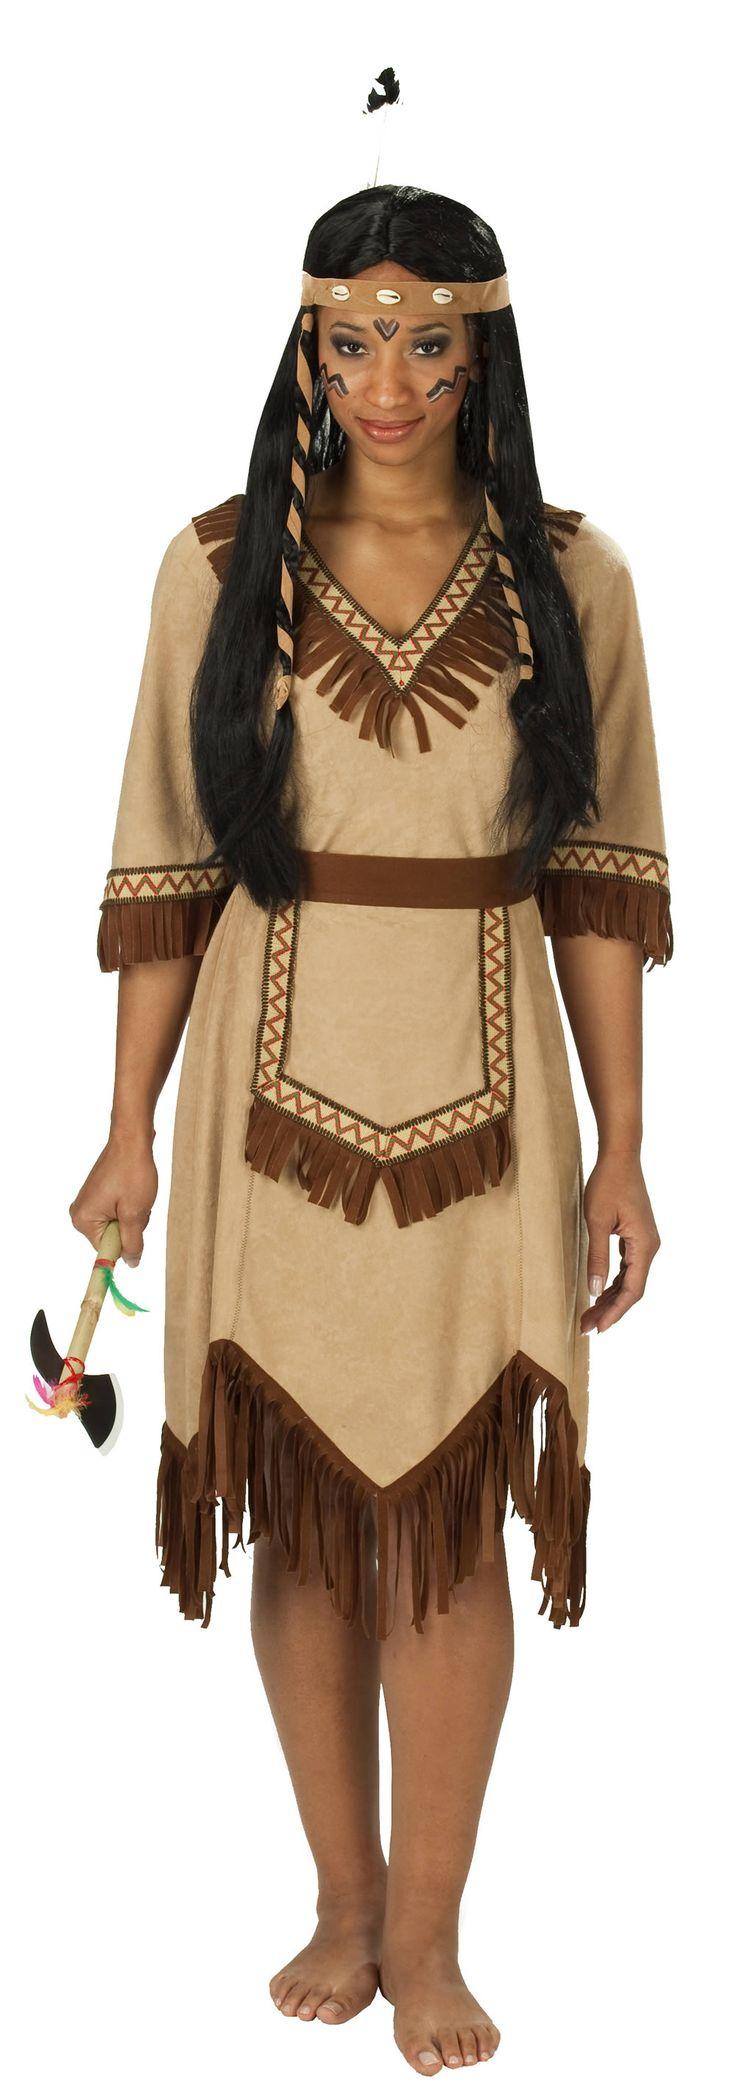 apachen auf pinterest amerikanische indianer indianer und indianer fotografie. Black Bedroom Furniture Sets. Home Design Ideas